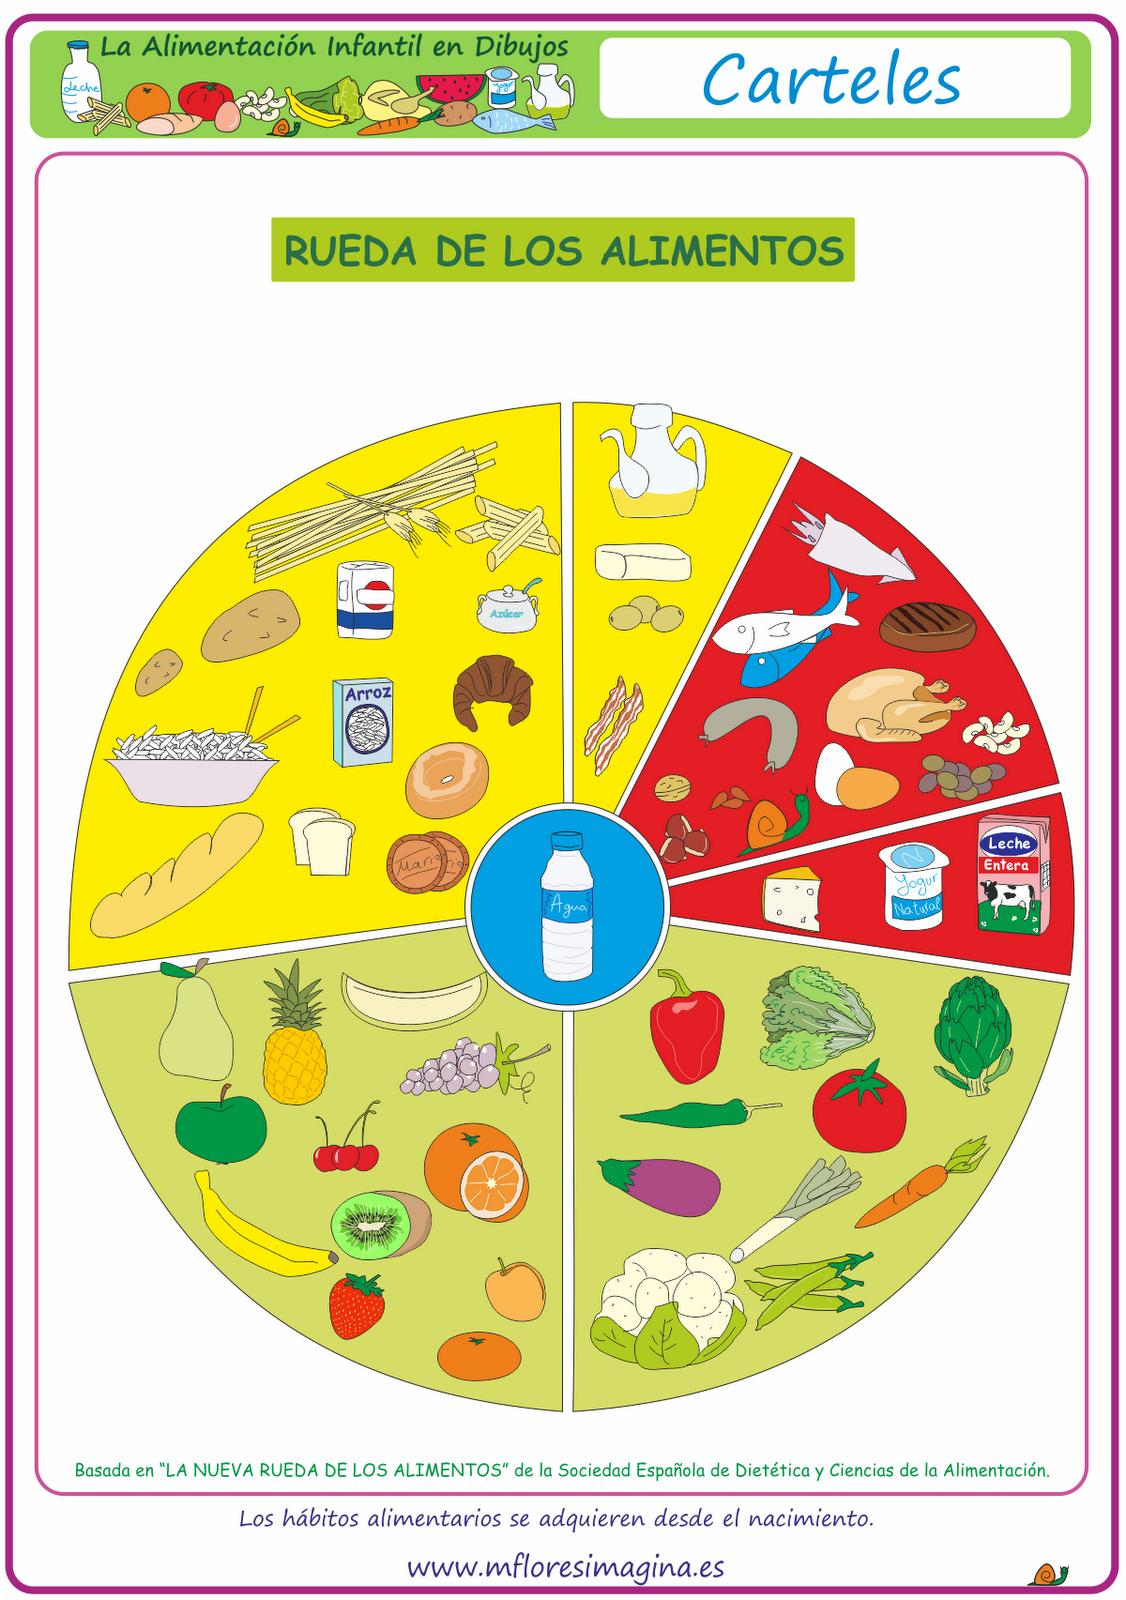 La alimentaci n en dibujos rueda de los alimentos for La cocina de los alimentos pdf